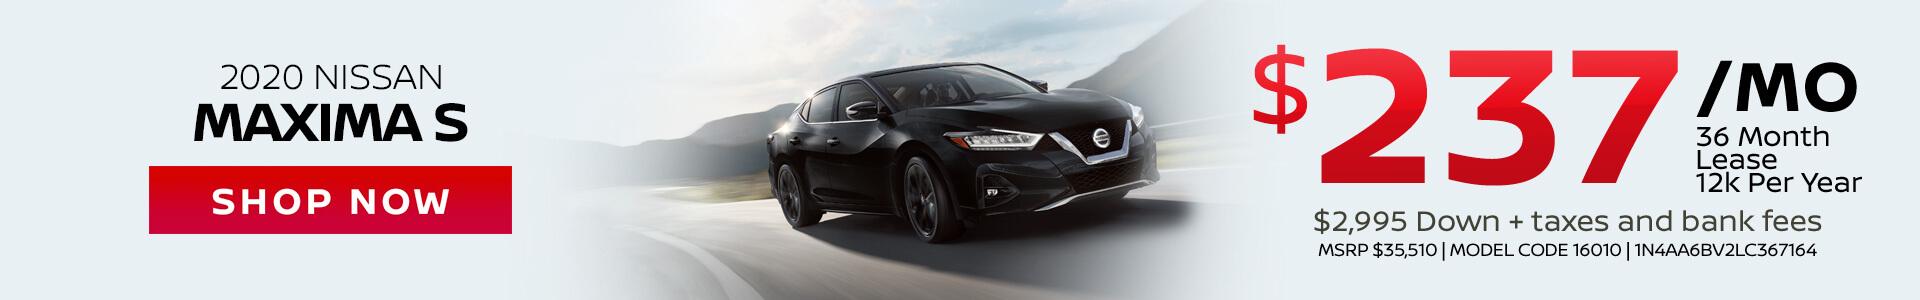 Nissan Maxima $237 Lease